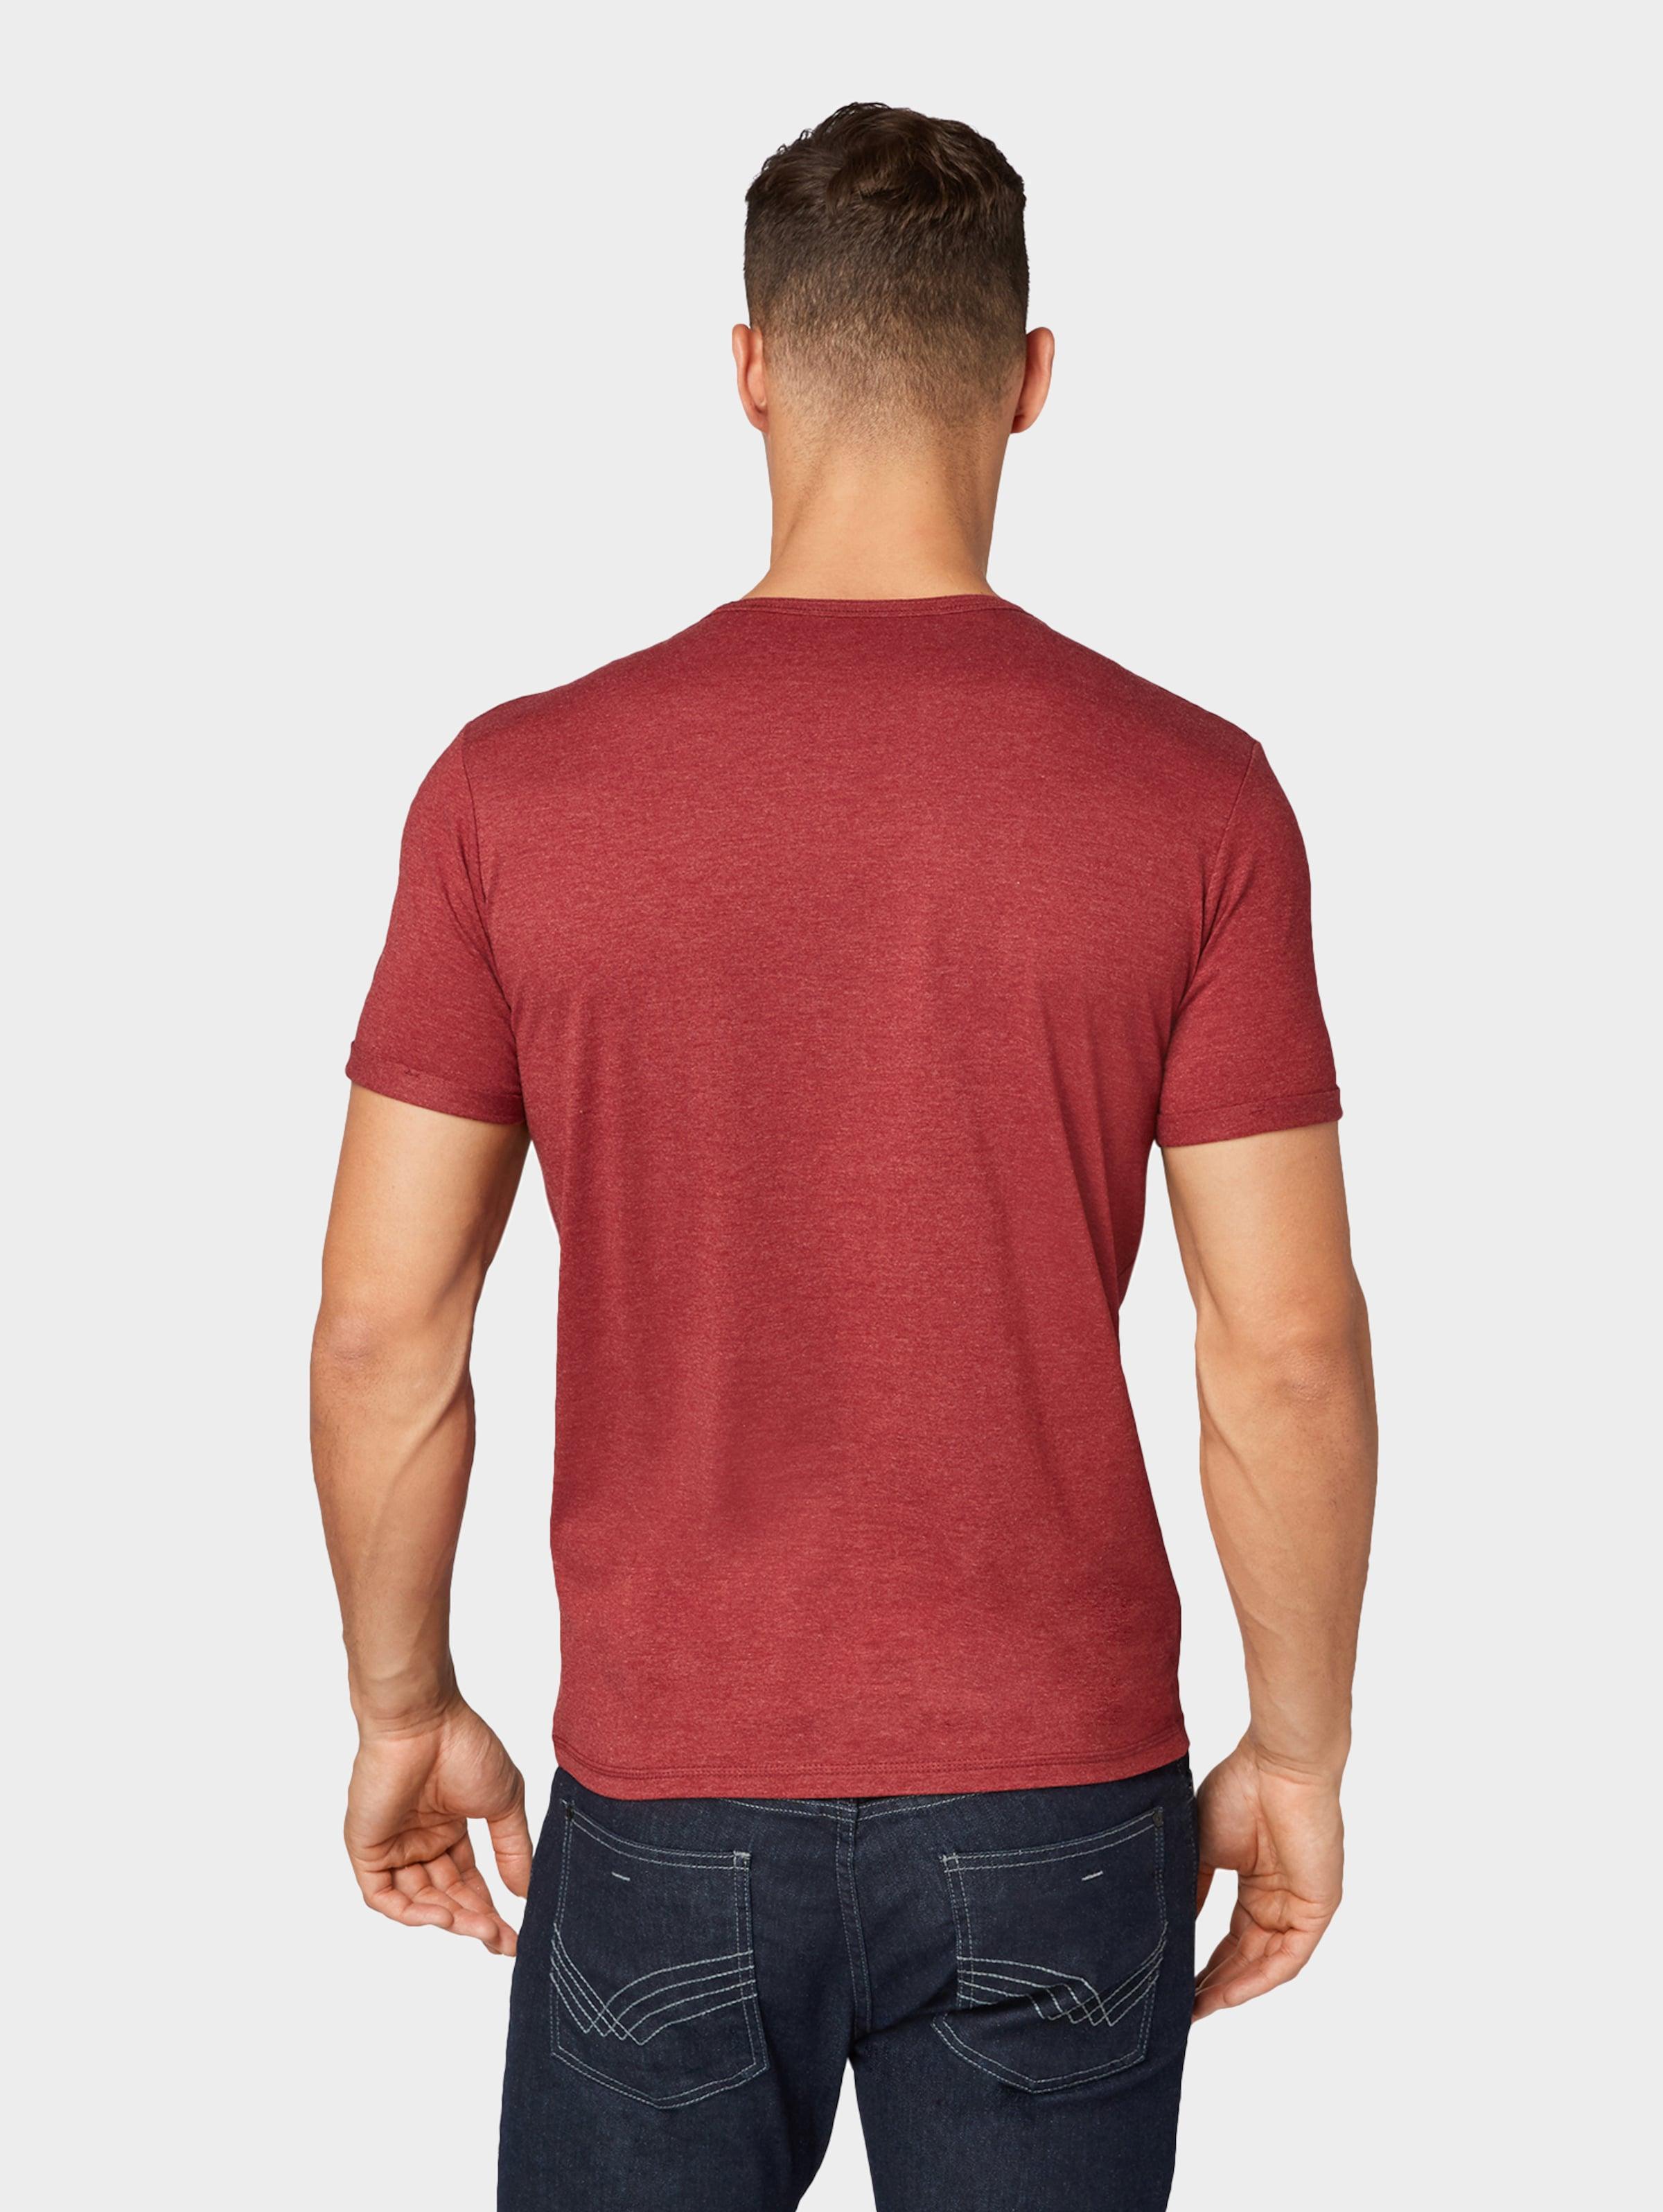 shirt In Tom GoldgelbFeuerrot Schwarz T Tailor UpSqMVz